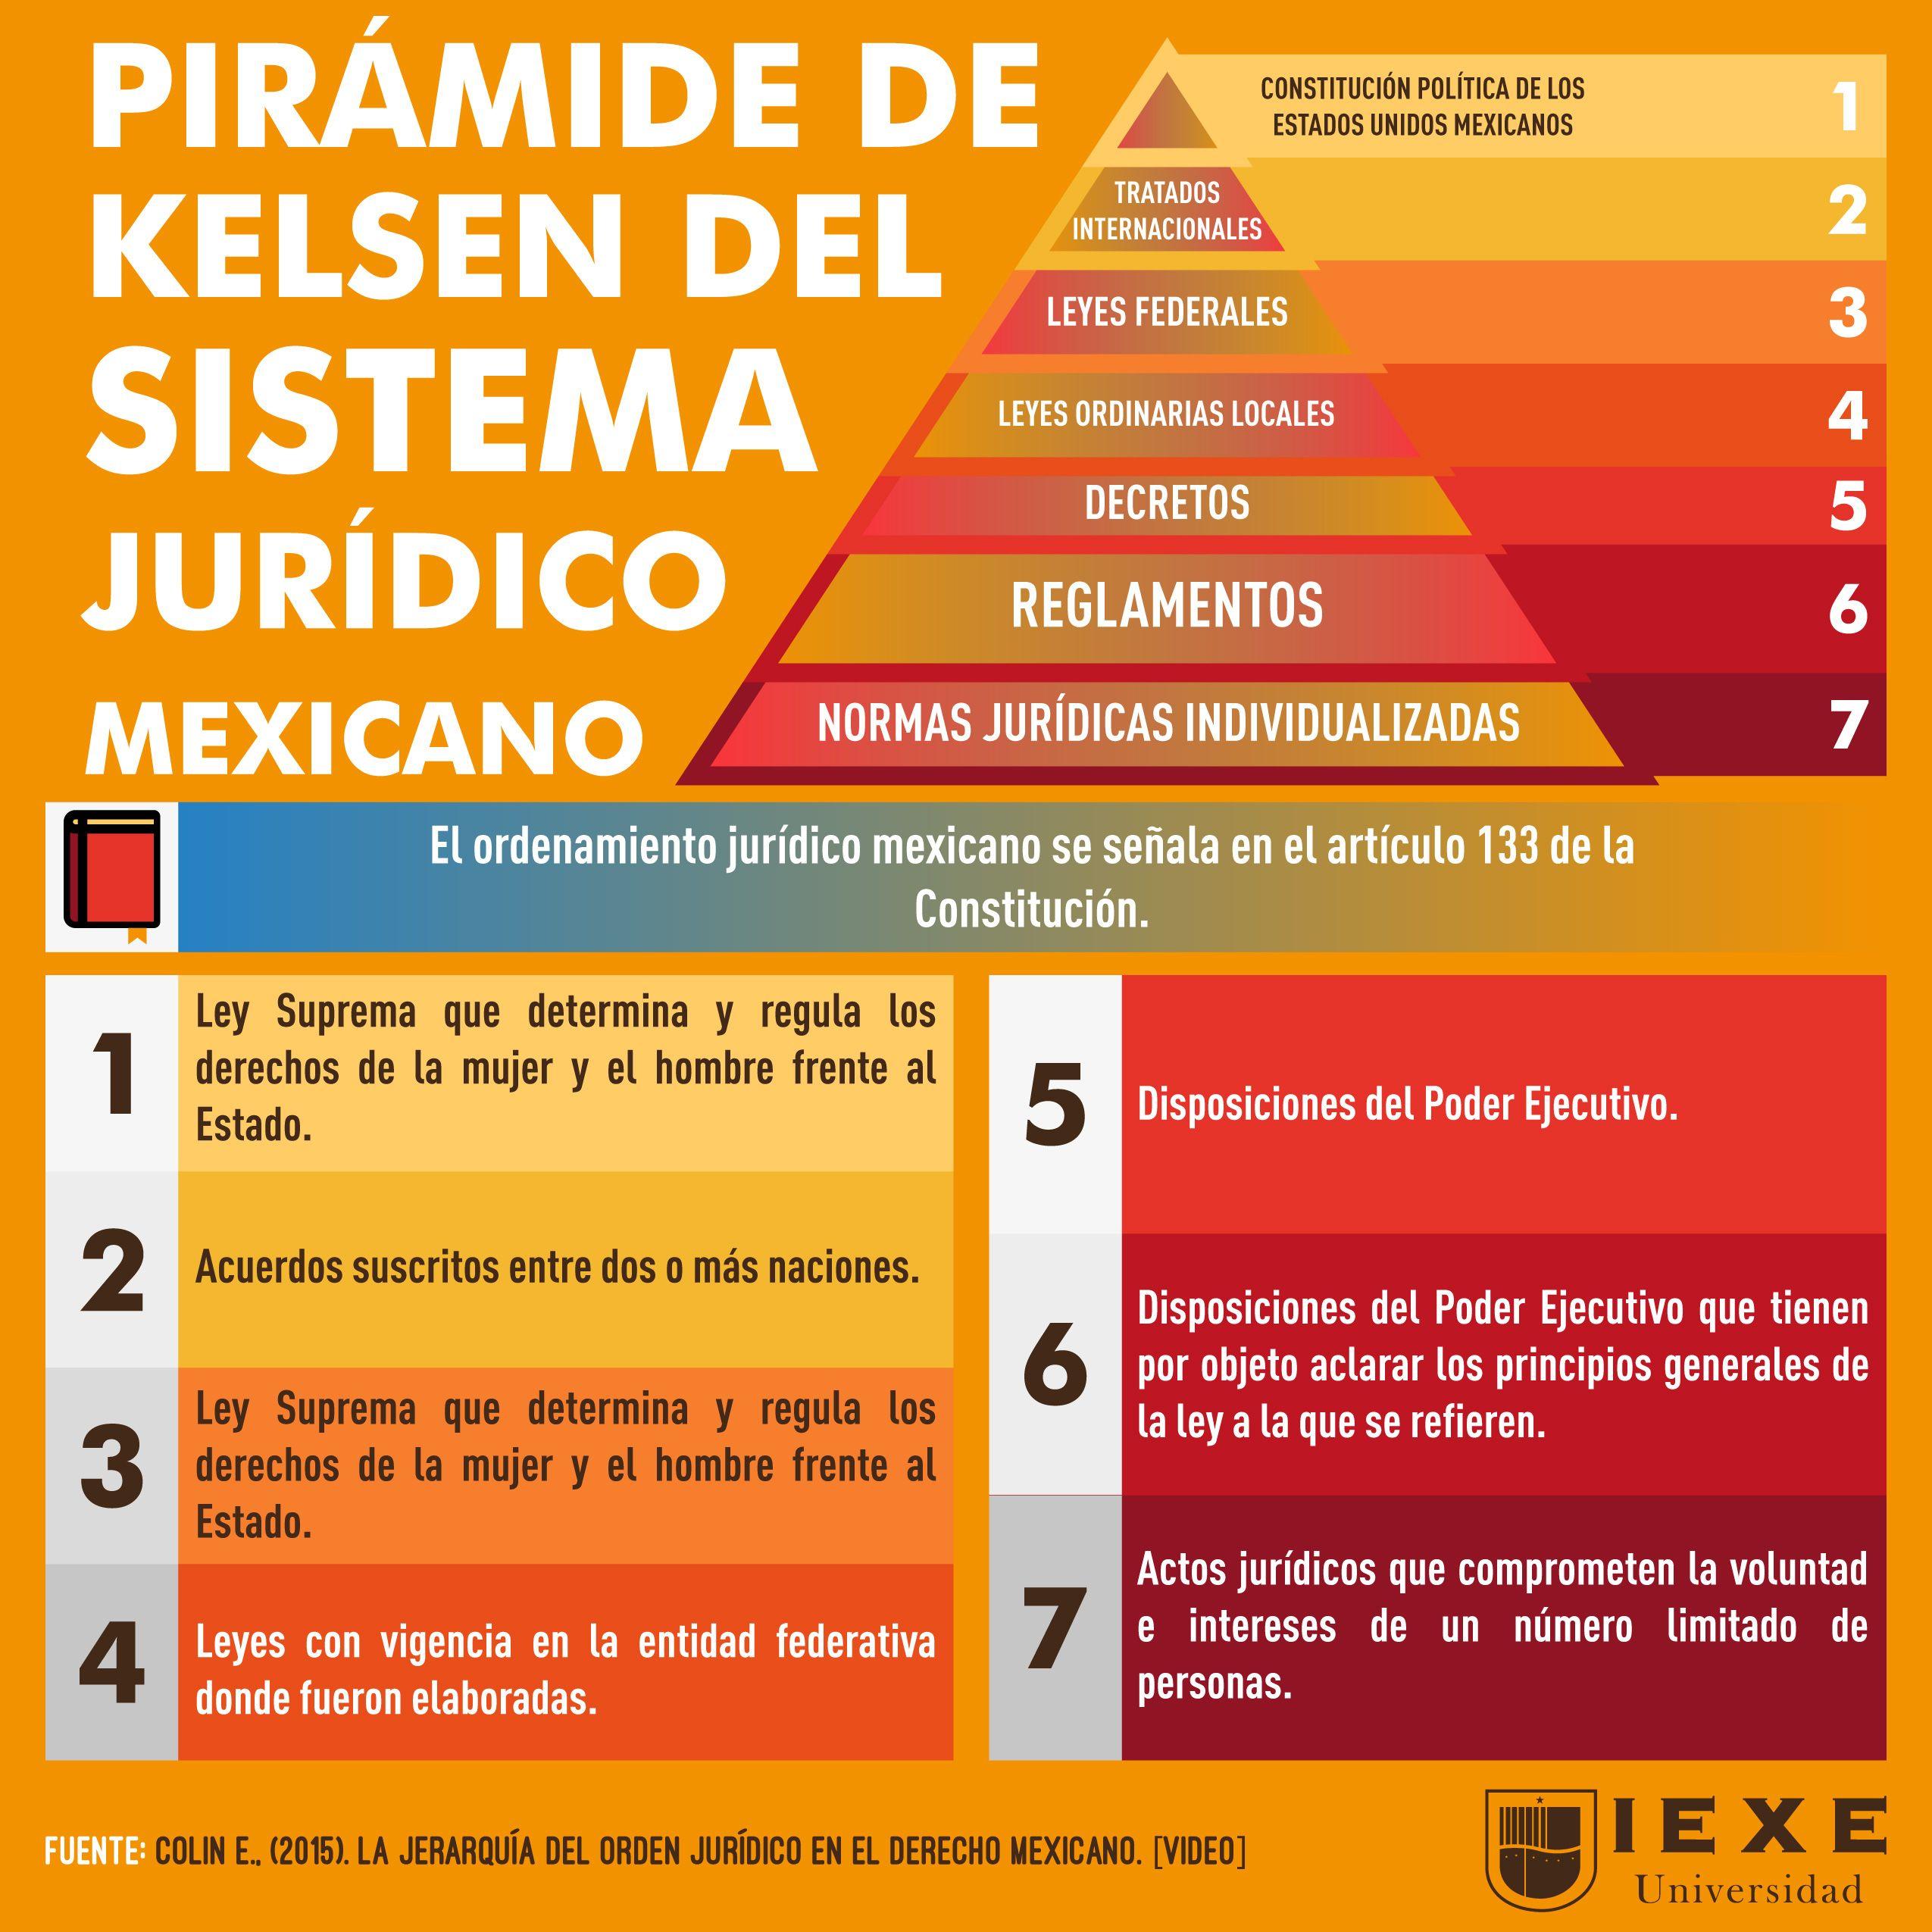 La Pirámide De Kelsen Es Una Representación Gráfica Que